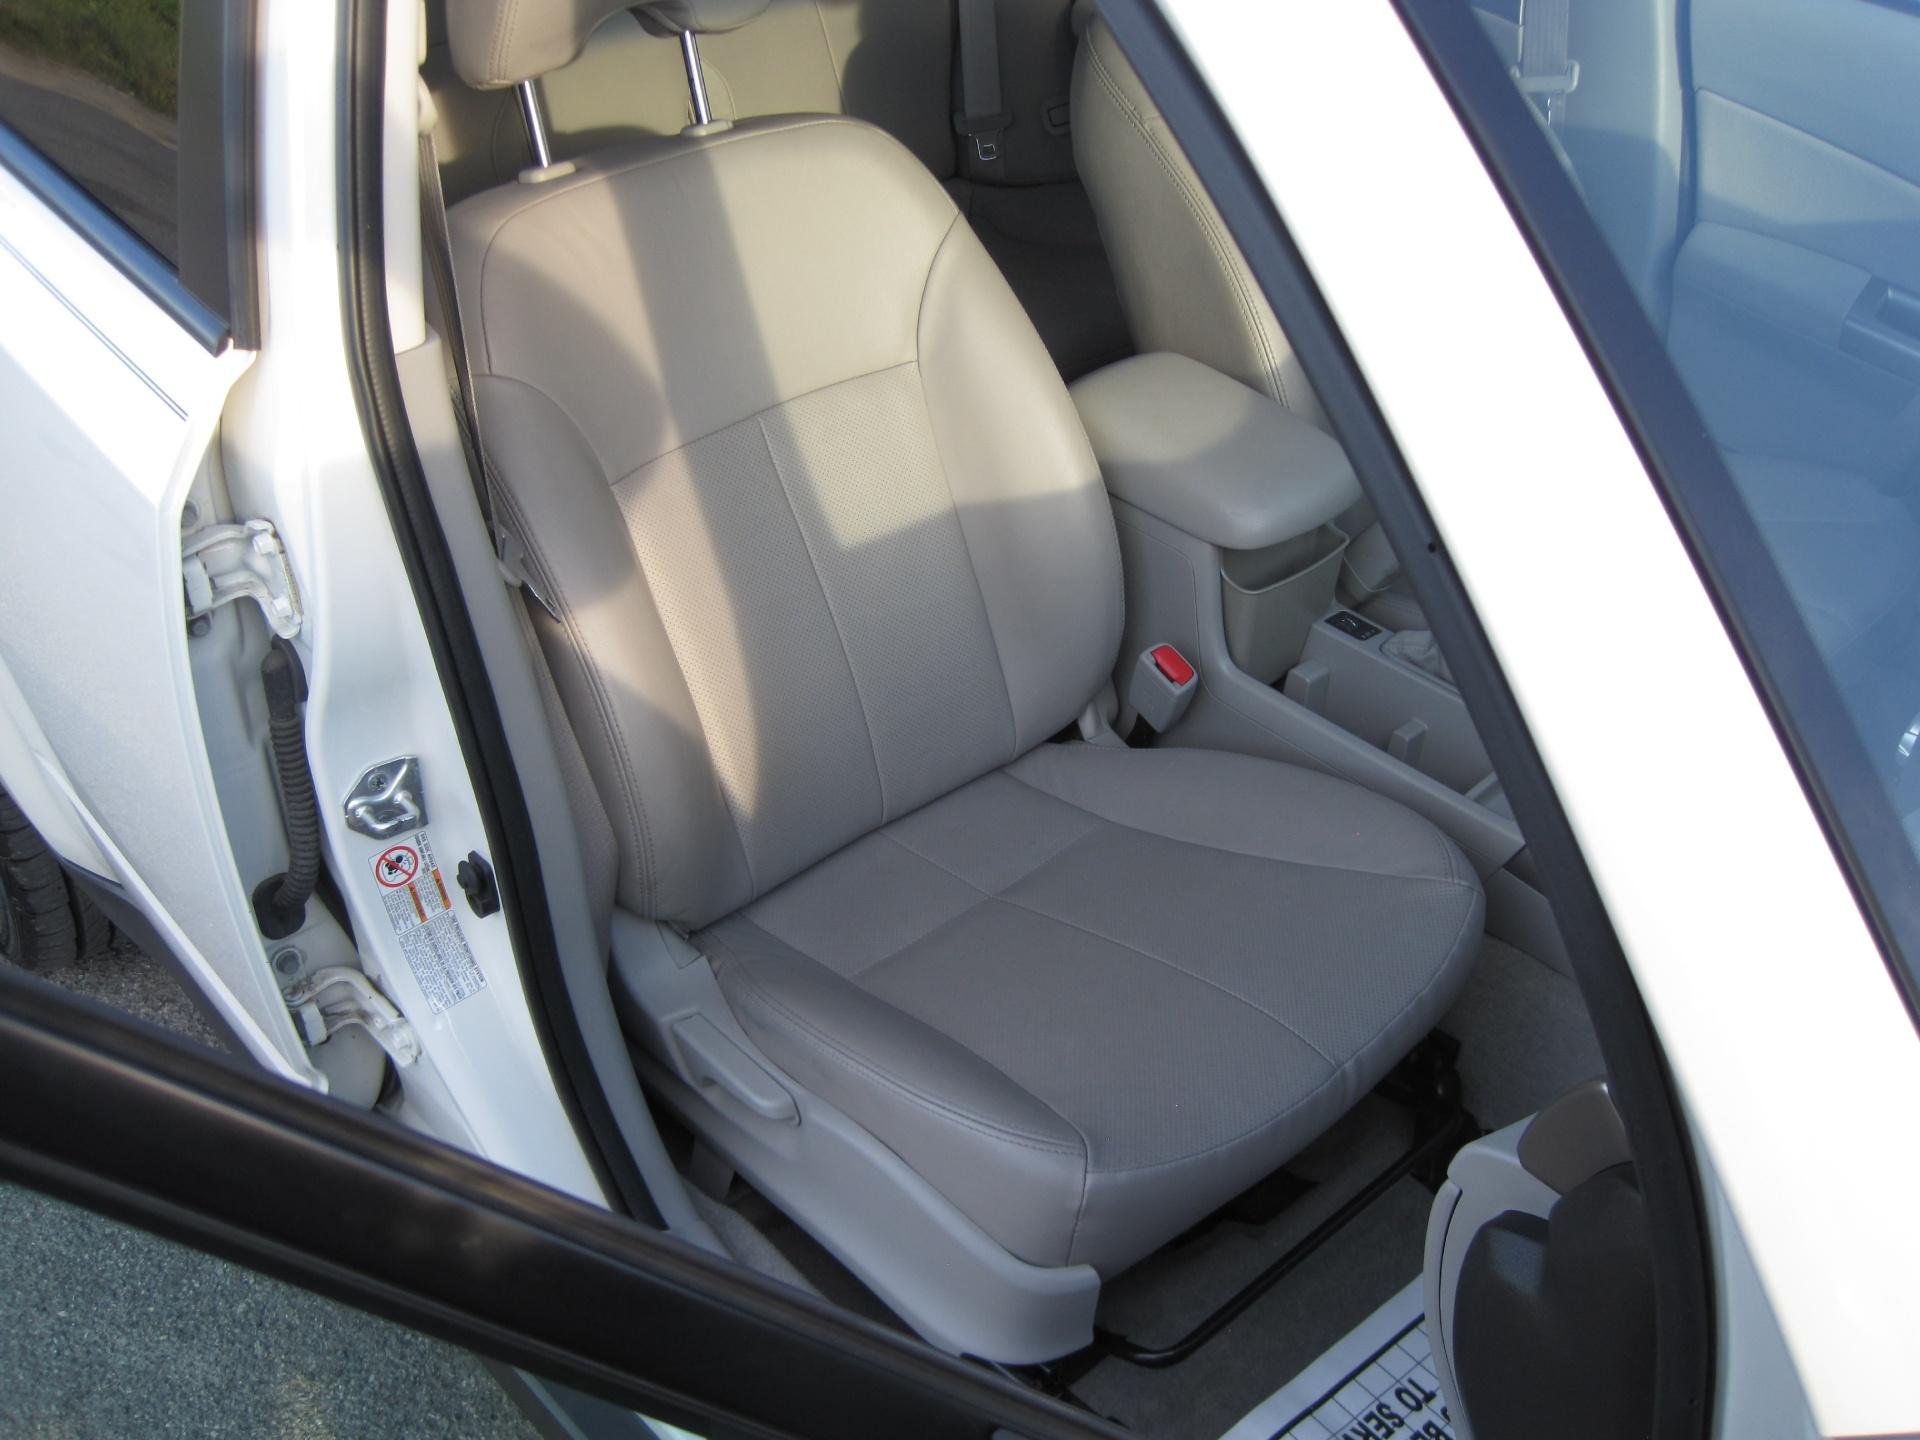 Albany subaru dealer in albany ny schenectady troy autos for Carbone honda bennington vt